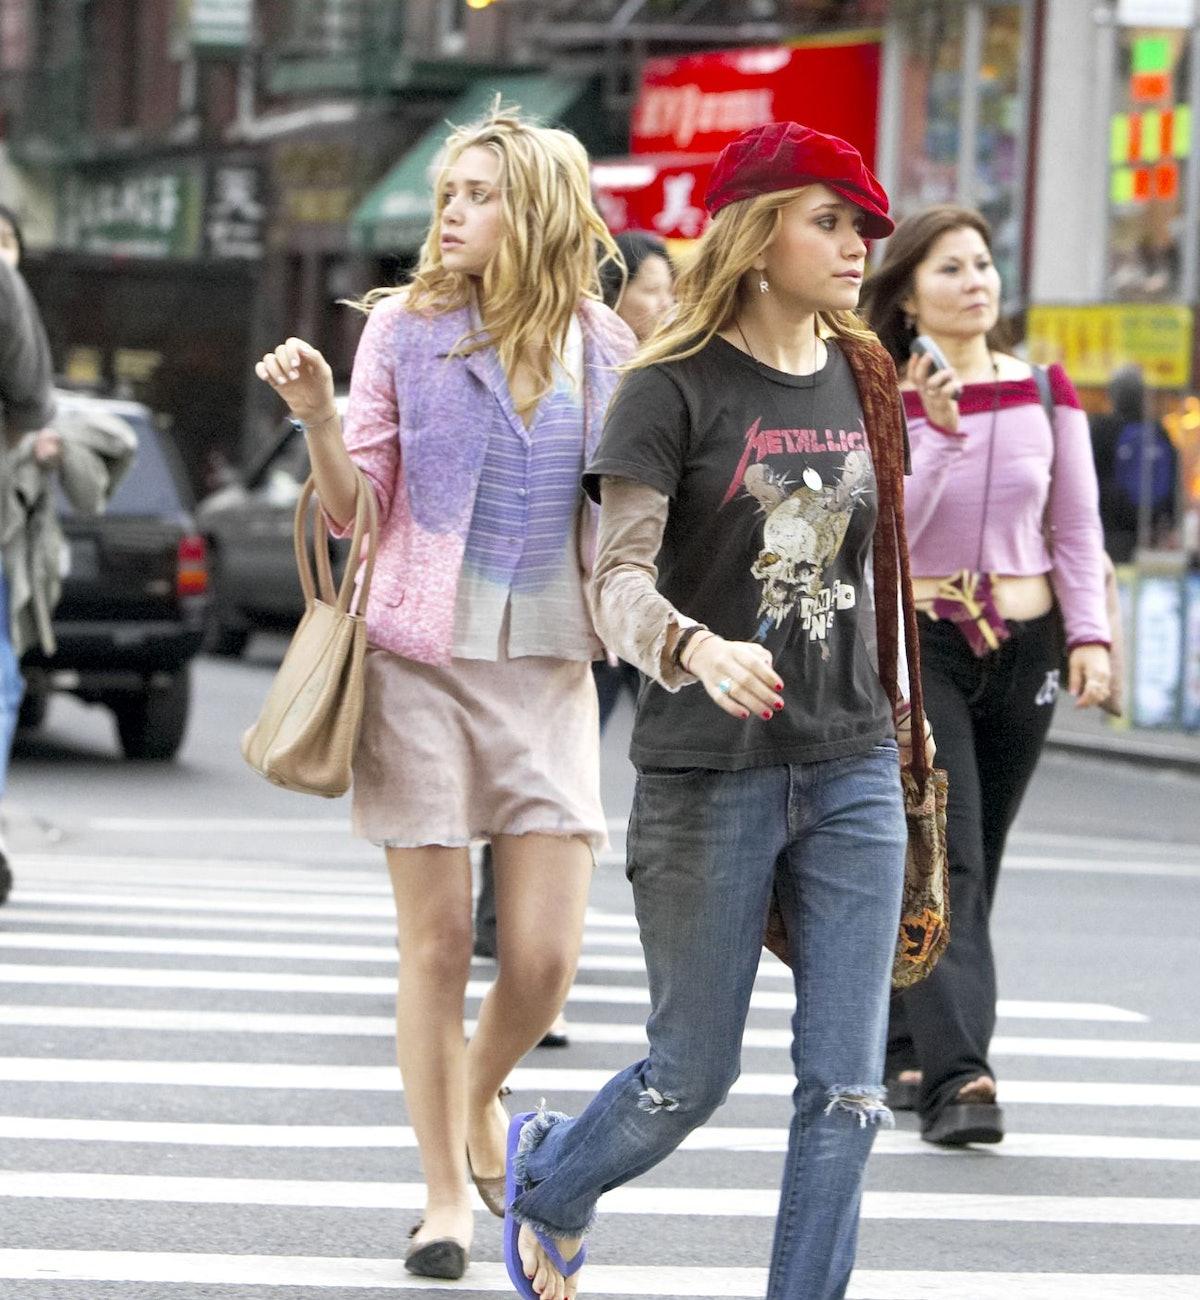 New York Minute - 2004; Ashley Olsen, Mary-Kate Olsen.